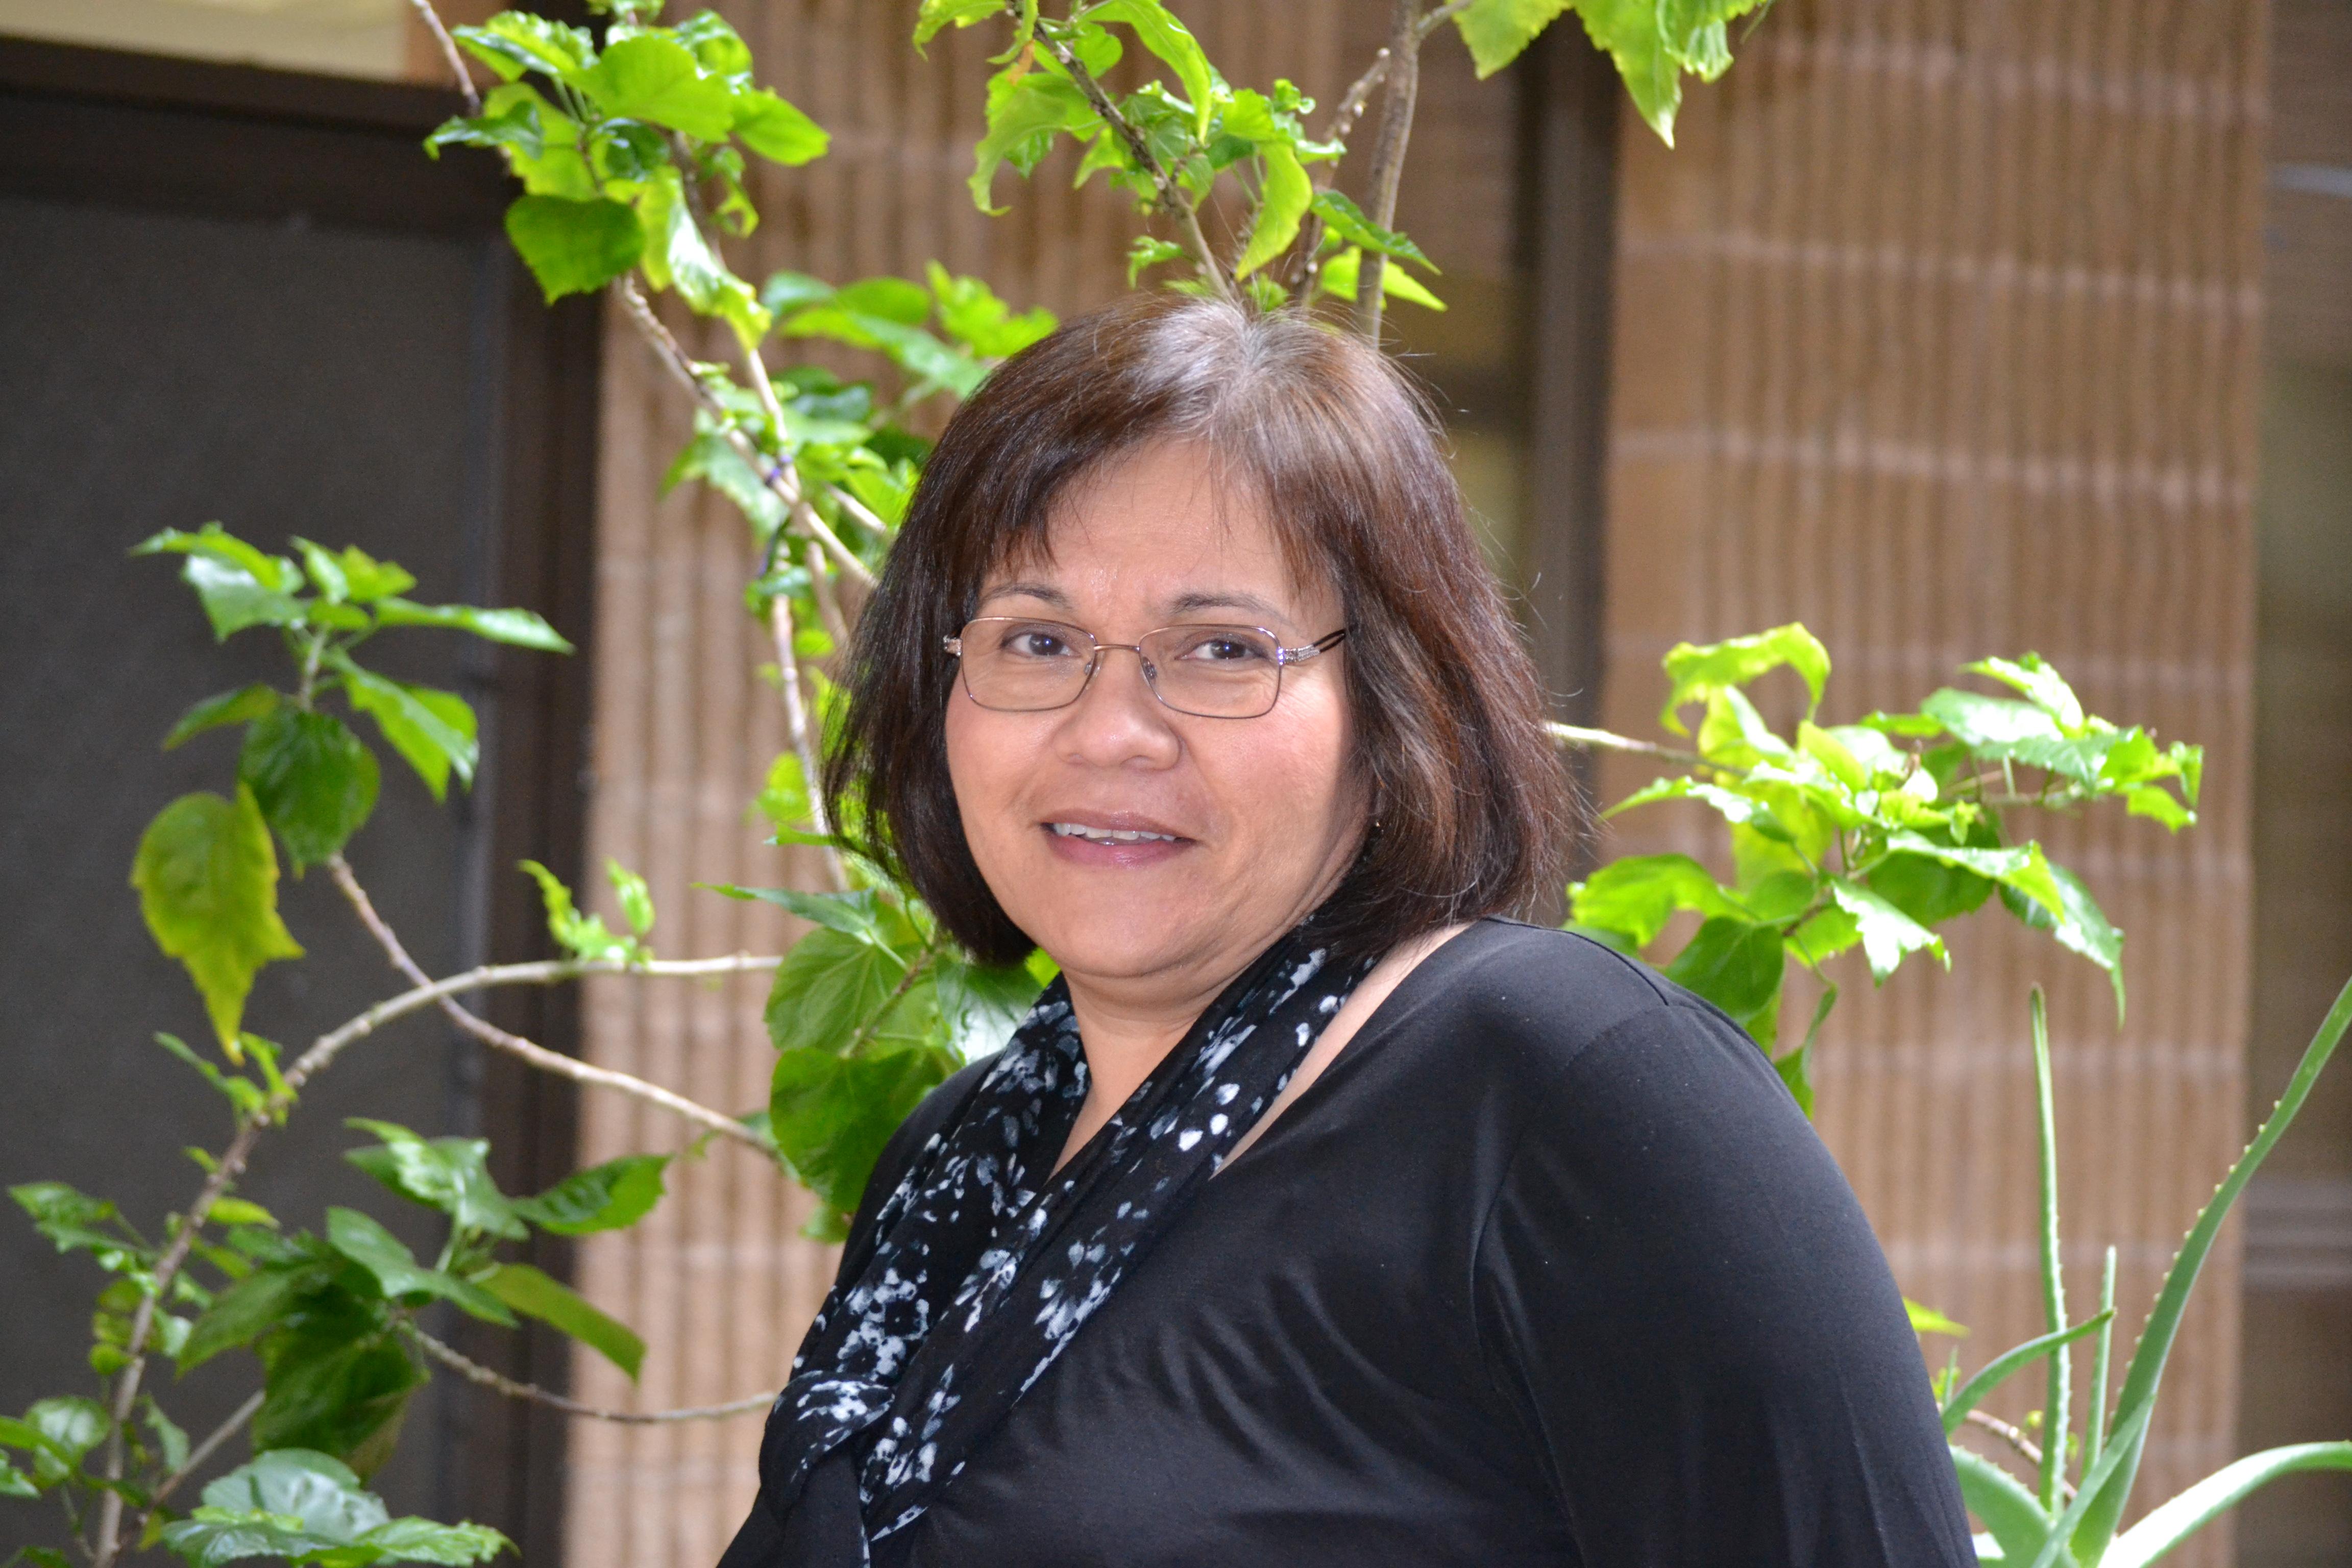 Teresa Ortega